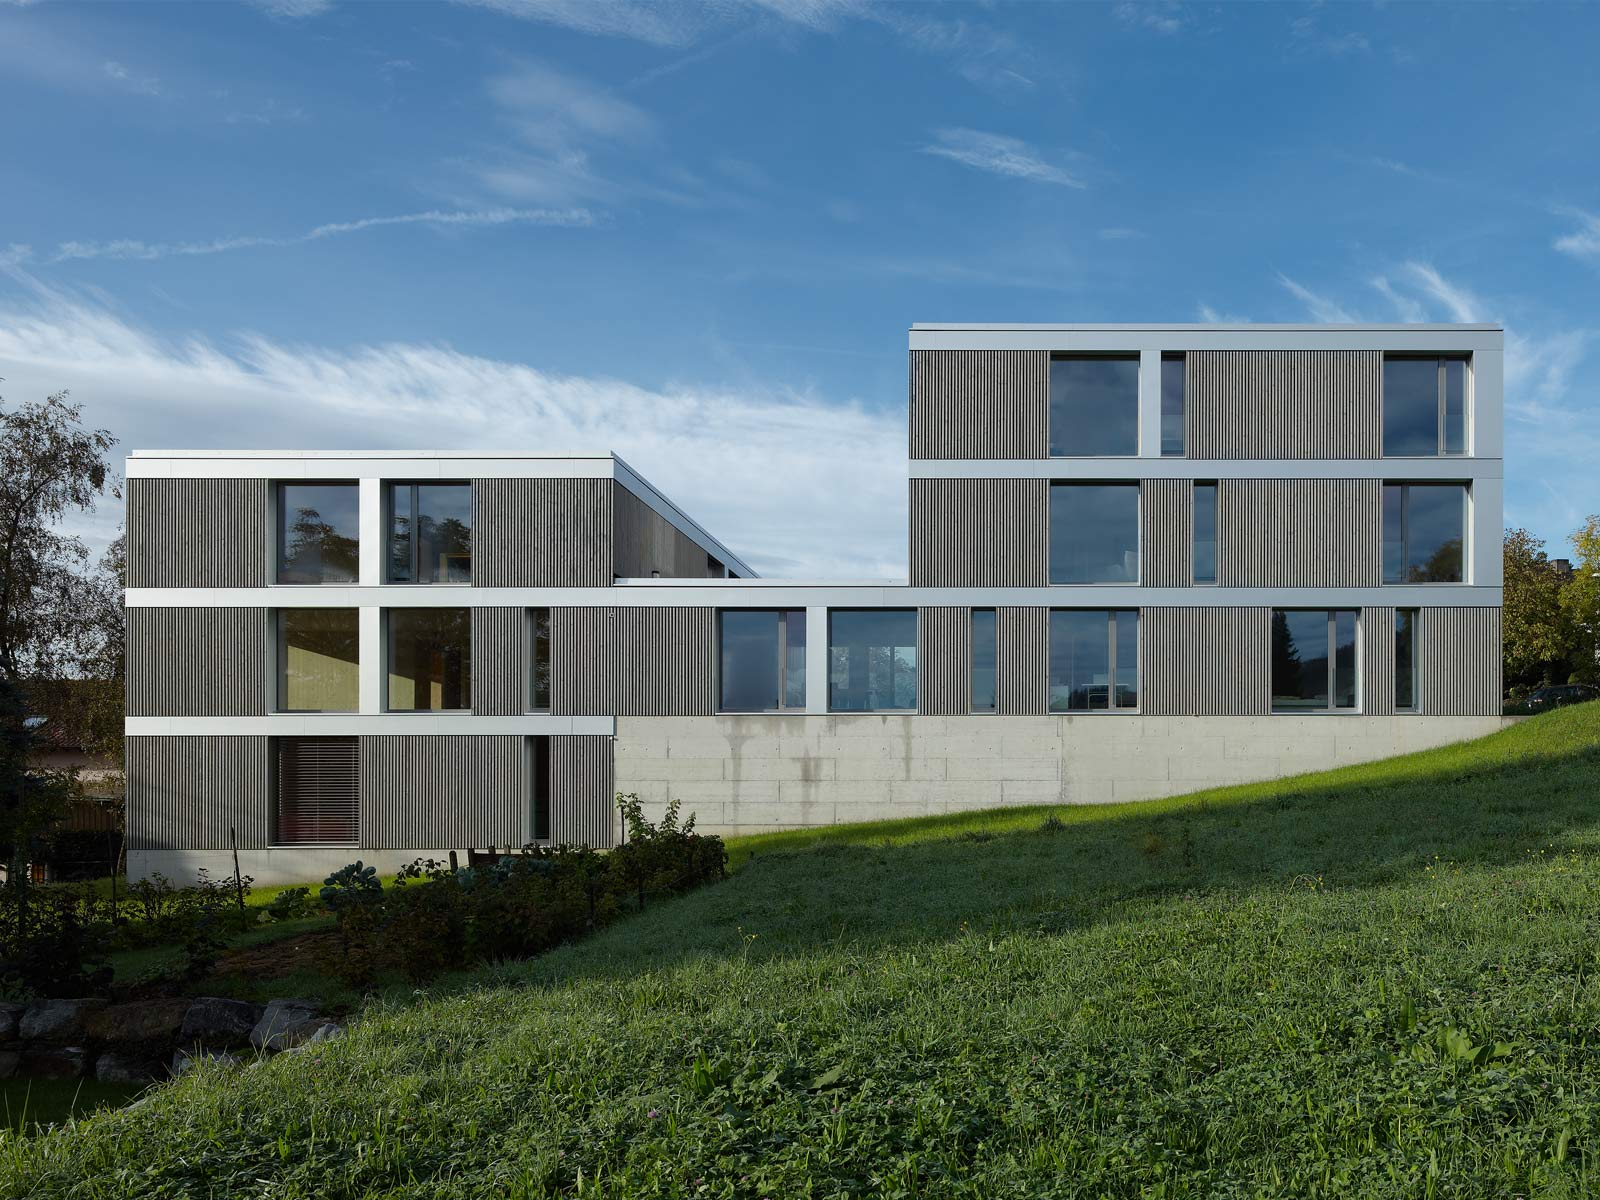 Best architects architektur award gohm hiessberger for Architekten schweiz